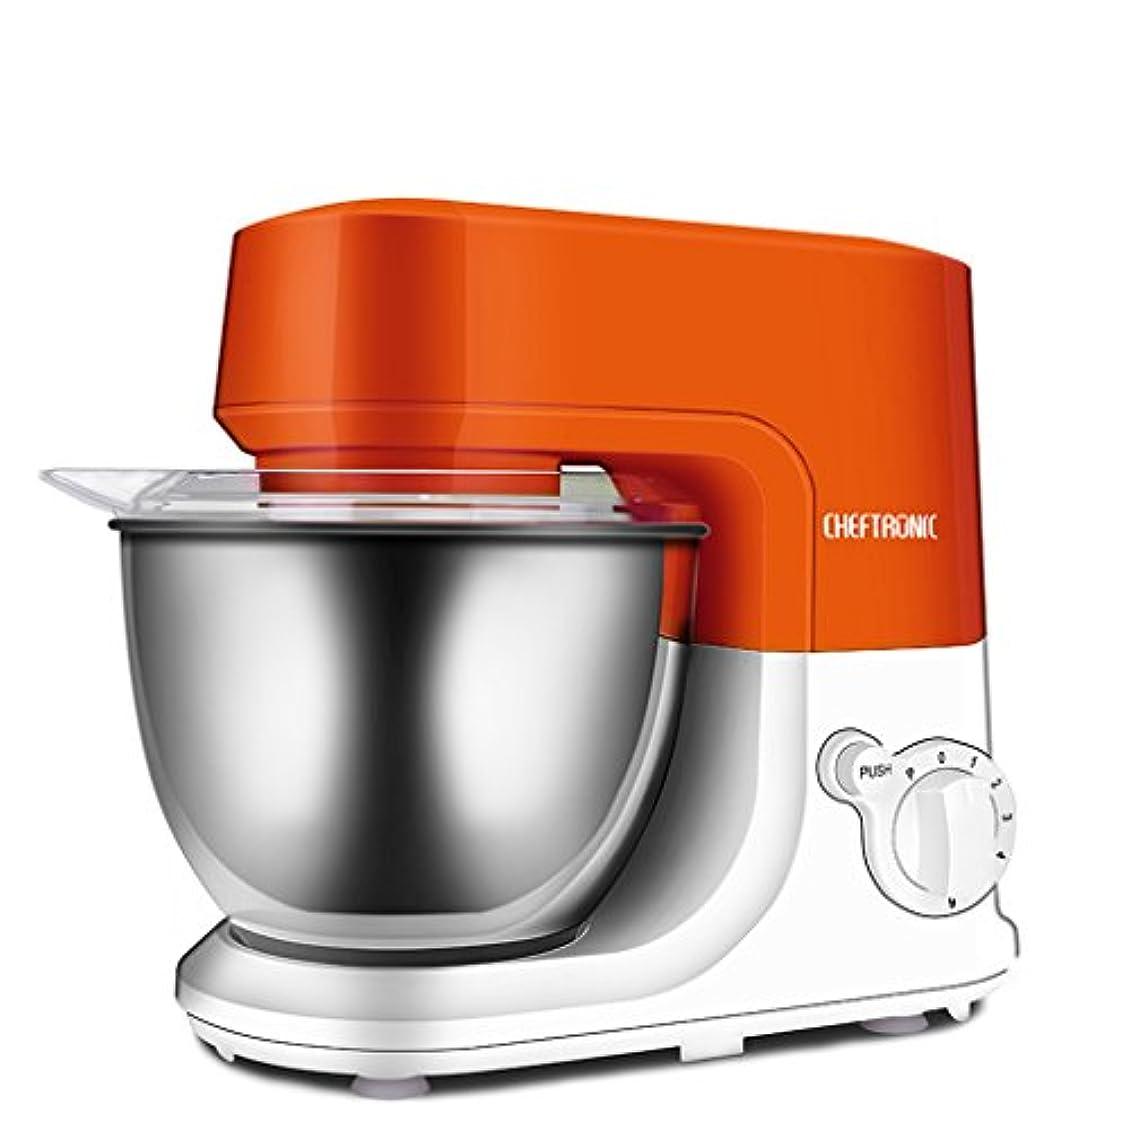 ミサイルエスニック文房具Global シェフのマシンと麺機の家多目的な卵は、新鮮なクリームミキサーを殴ら (色 : Orange)